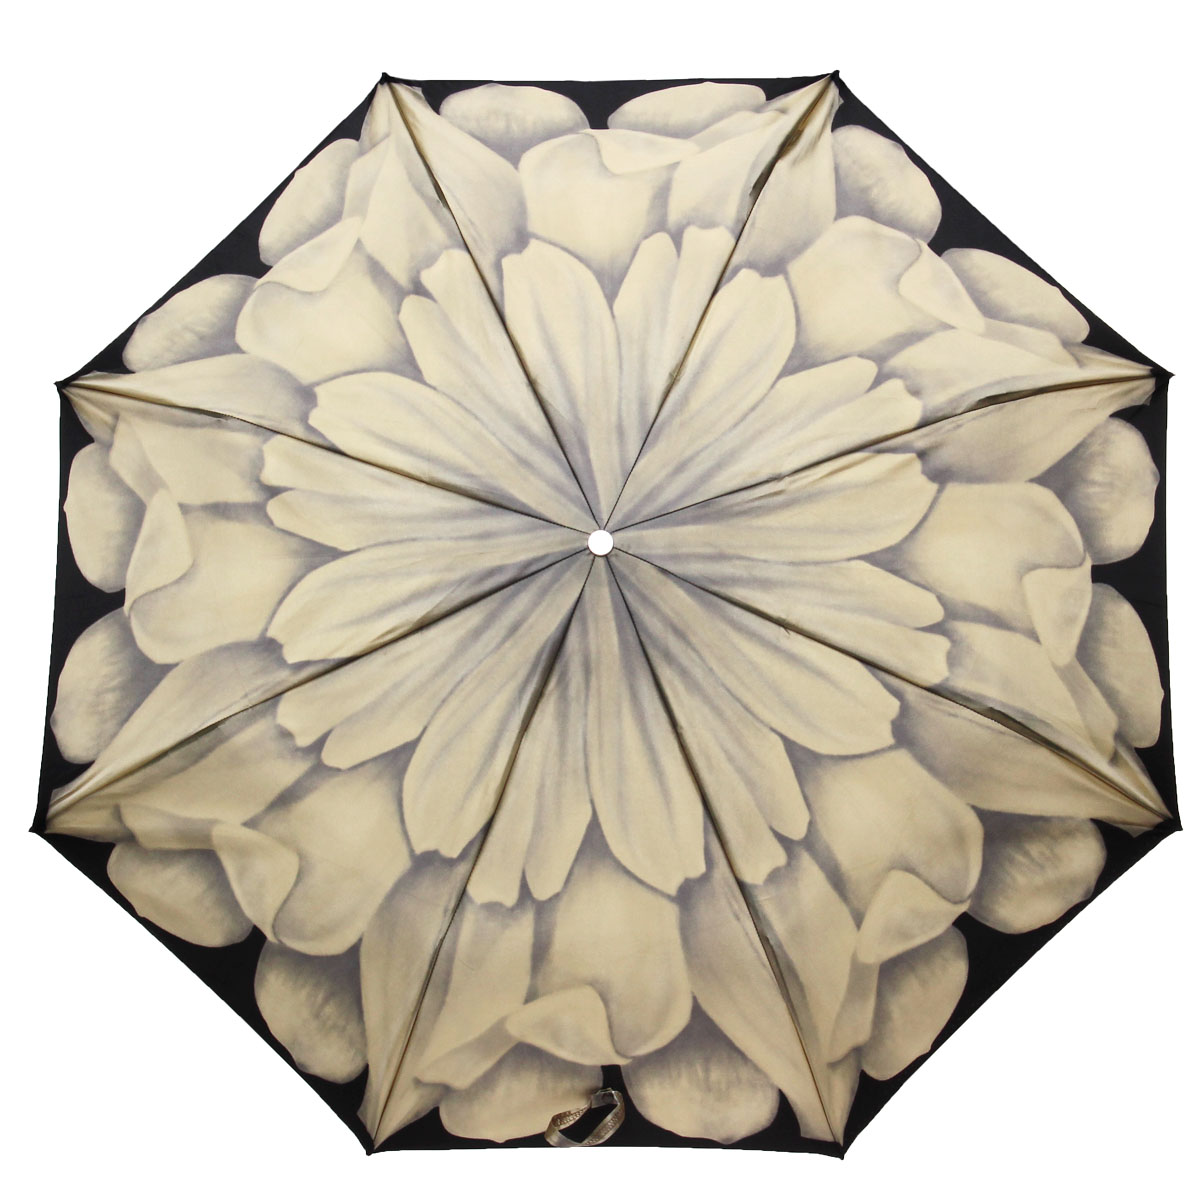 Зонт жеский Pasotti, механический, 3 сложения, черный, серый257-21065-48-A28Стильный механический зонт Pasotti даже в ненастную погоду позволит вам оставаться стильной и элегантной.Фигурная рукоятка выполнена из металла и украшена резным орнаментом и стразой. Каркас зонта состоит из восьми металлических спиц.Зонт имеет механический механизм сложения: купол открывается и закрывается вручную до характерного щелчка.Купол зонта выполнен из прочного сатина и оформлен изображением цветка. Закрытый купол фиксируется хлястиком на кнопку.Компактные размеры зонта в сложенном виде позволят ему без труда поместиться в сумочке и не доставят никаких проблем во время переноски. На рукоятке для удобства есть металлическая цепочка, позволяющая надеть зонт на руку тогда, когда это будет необходимо. К зонту прилагается чехол.